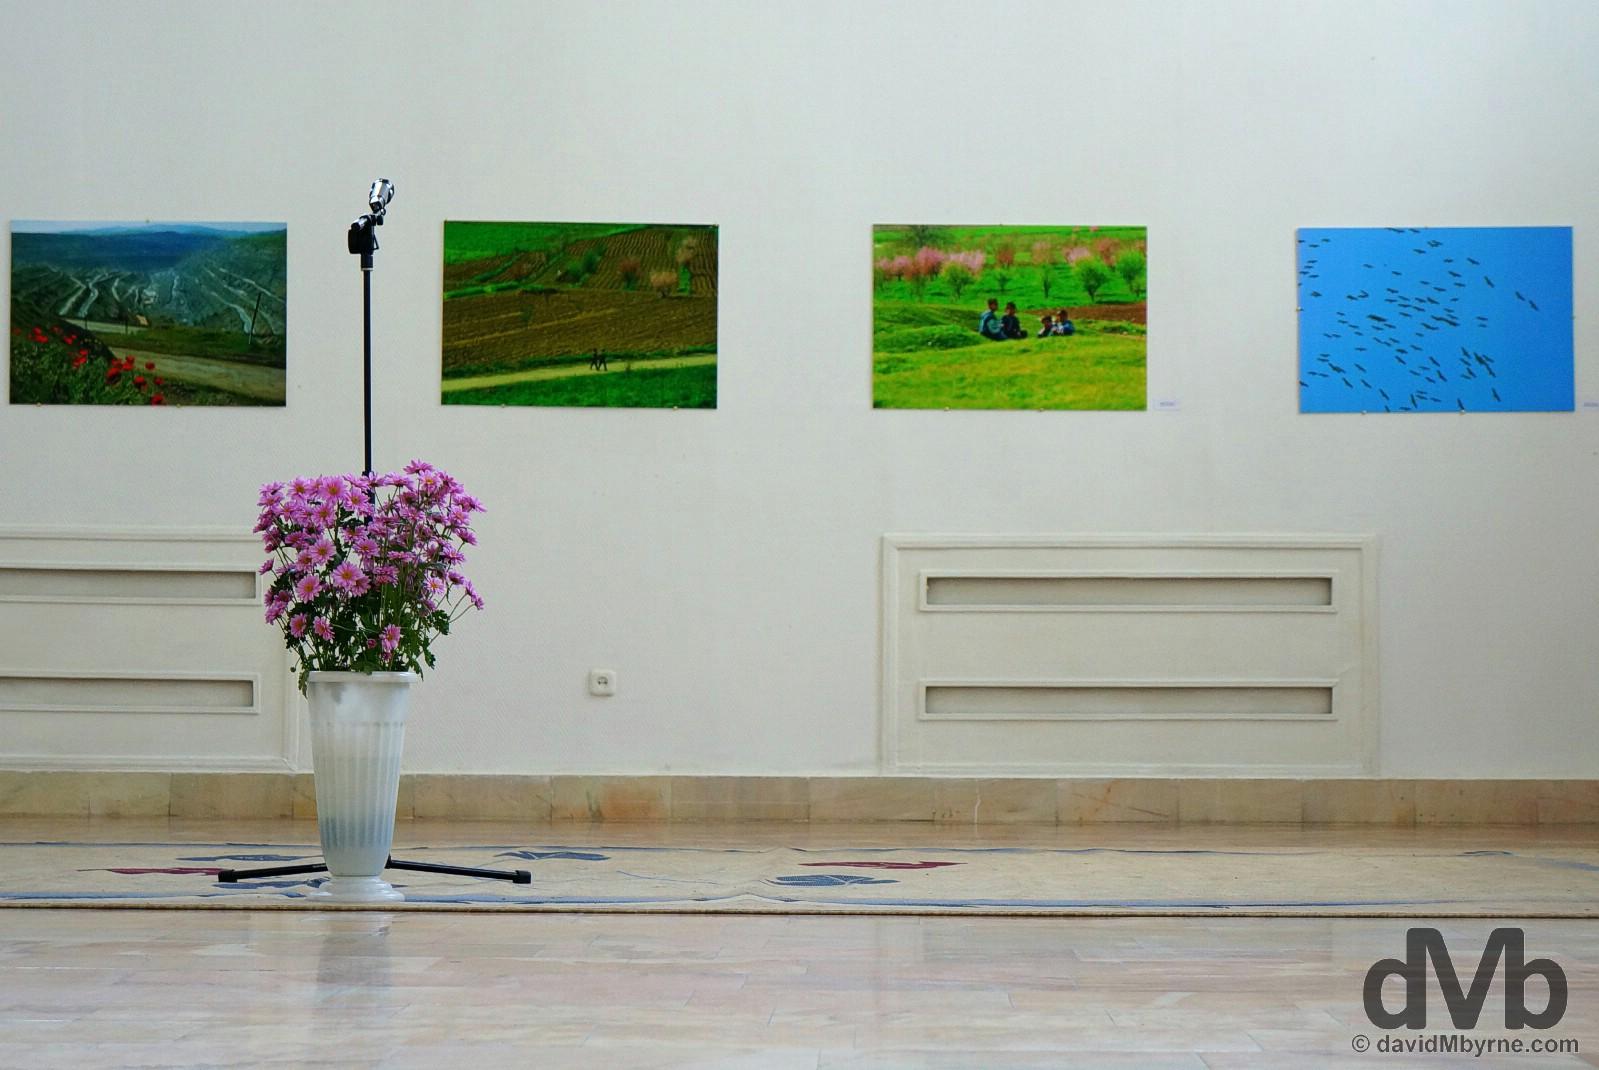 House of Photography of the Academy of Arts of Uzbekistan in Tashkent, Uzbekistan. March 17, 2015.